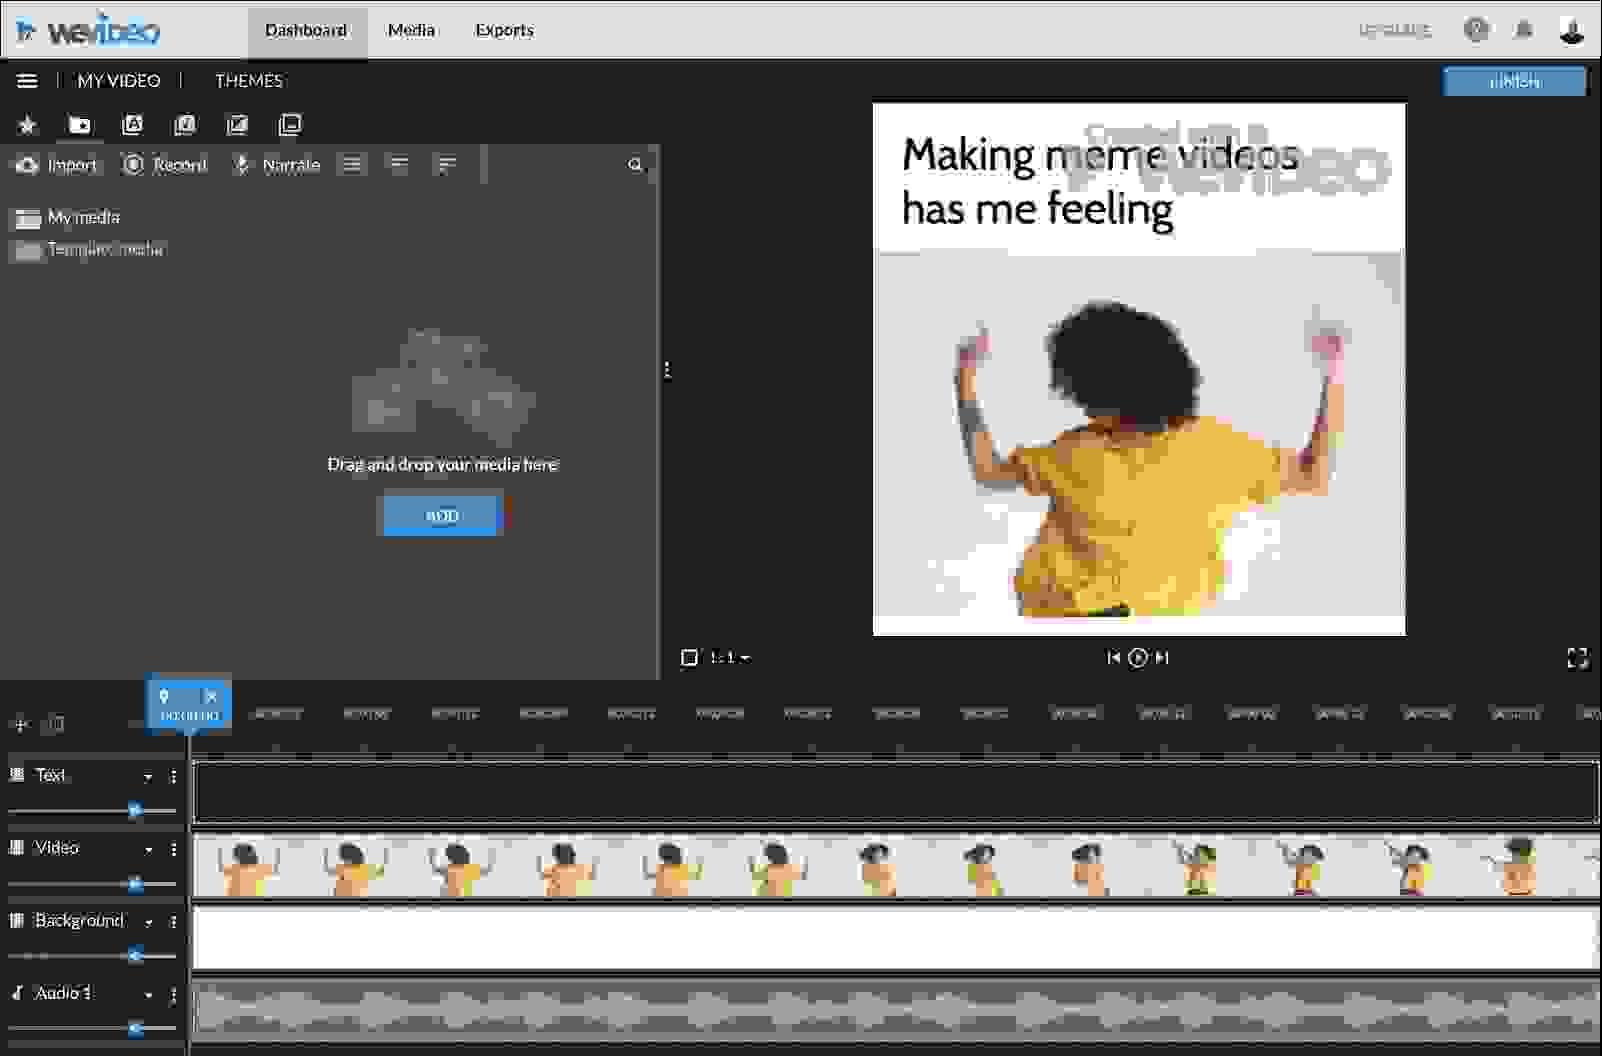 وي فيديو (WeVideo)، أفضل برنامج مجاني لتحرير الفيديو يعمل عبر الإنترنت مباشرةً